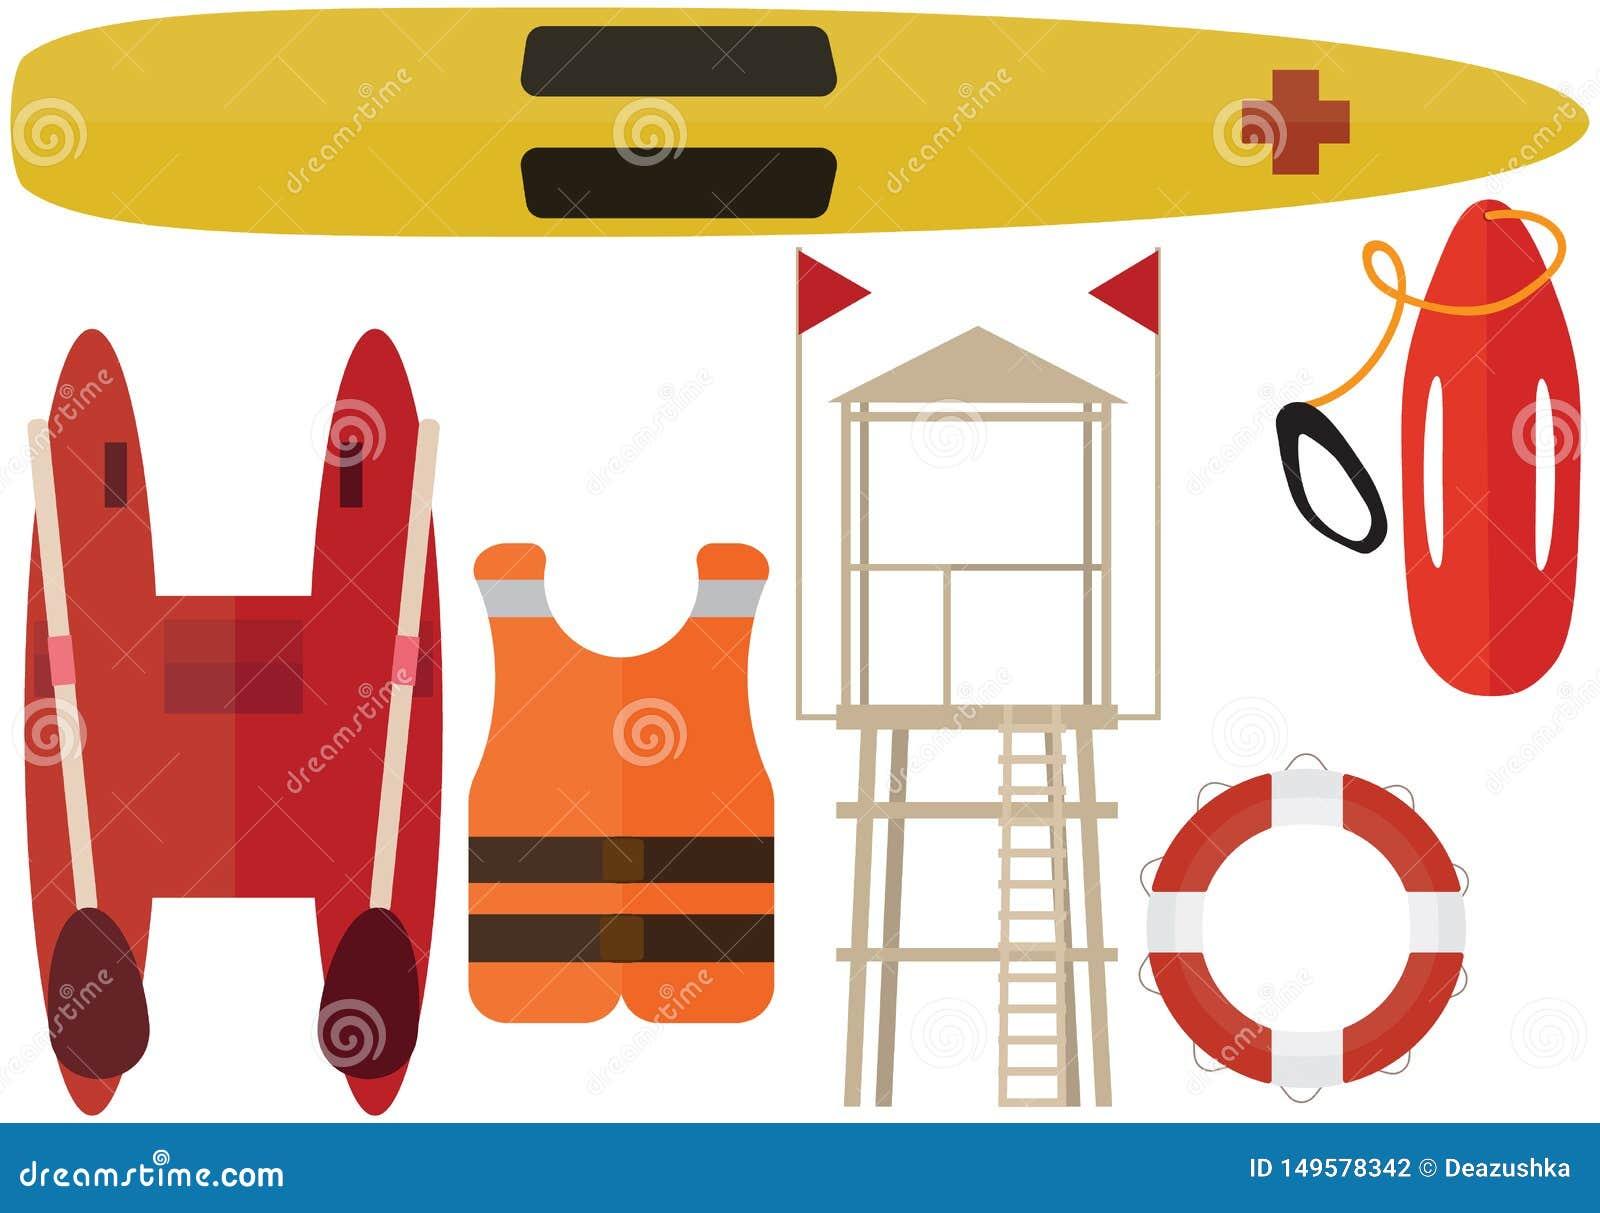 动画片海滩救助者颜色组装夏天小船驻地帮助救生员